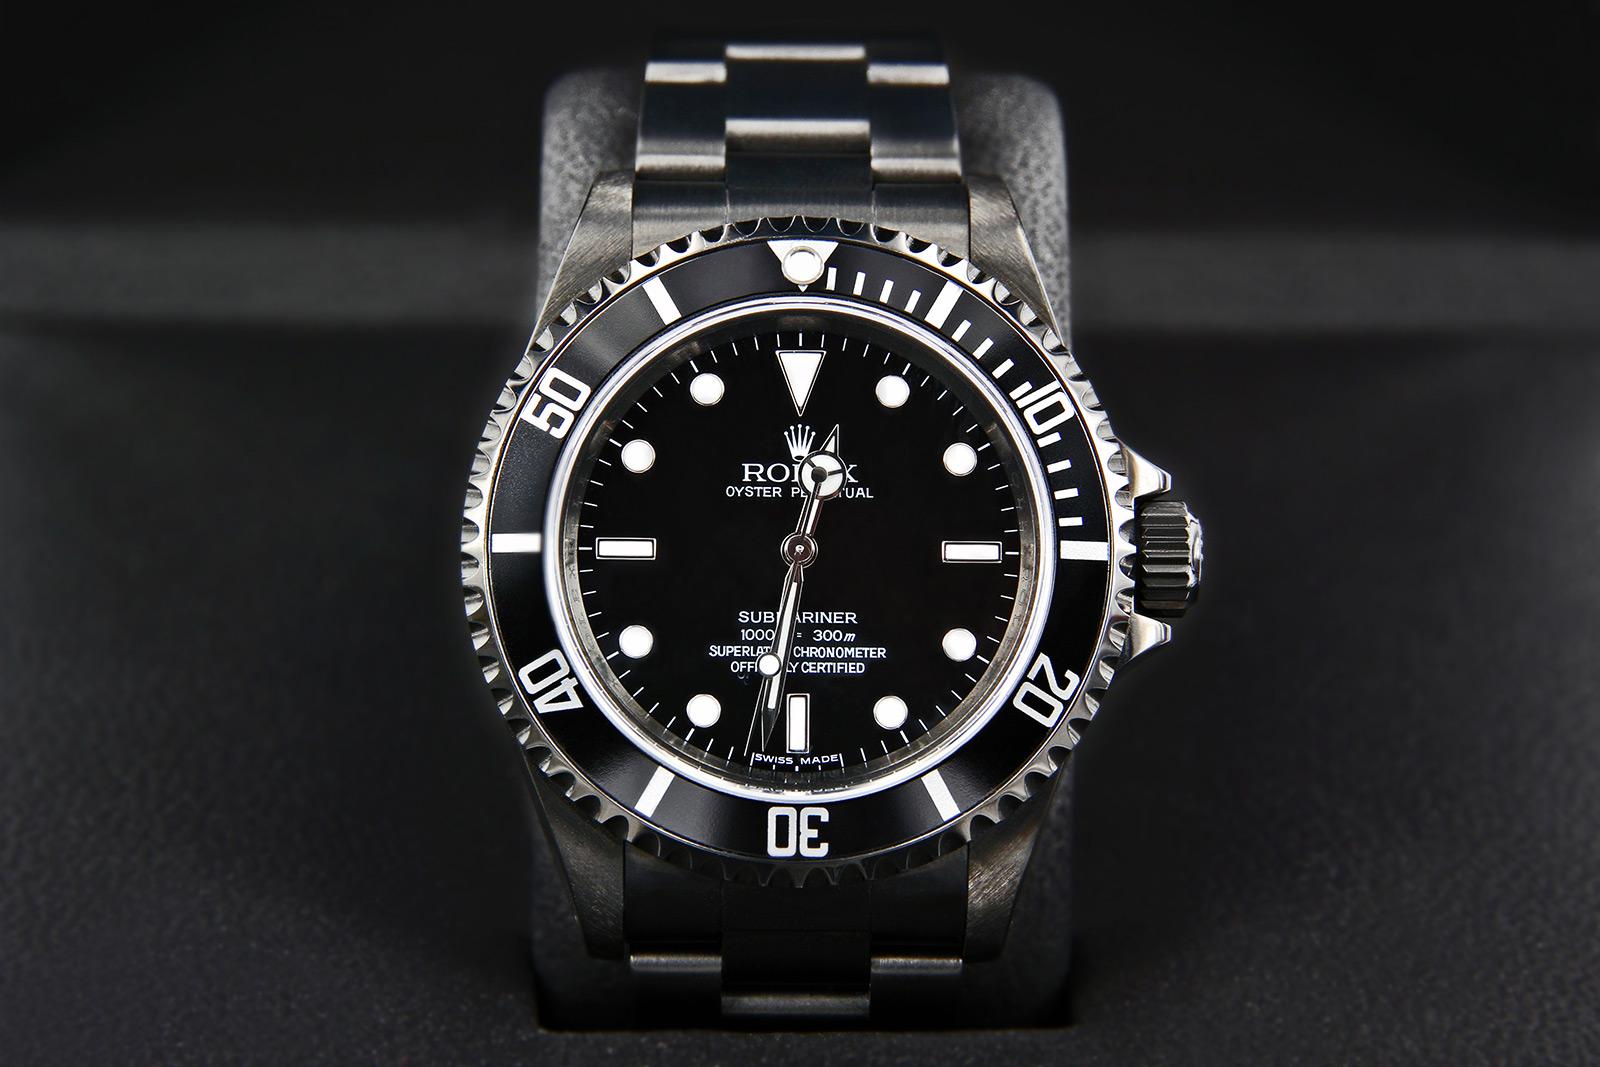 Submariner-galerie-2